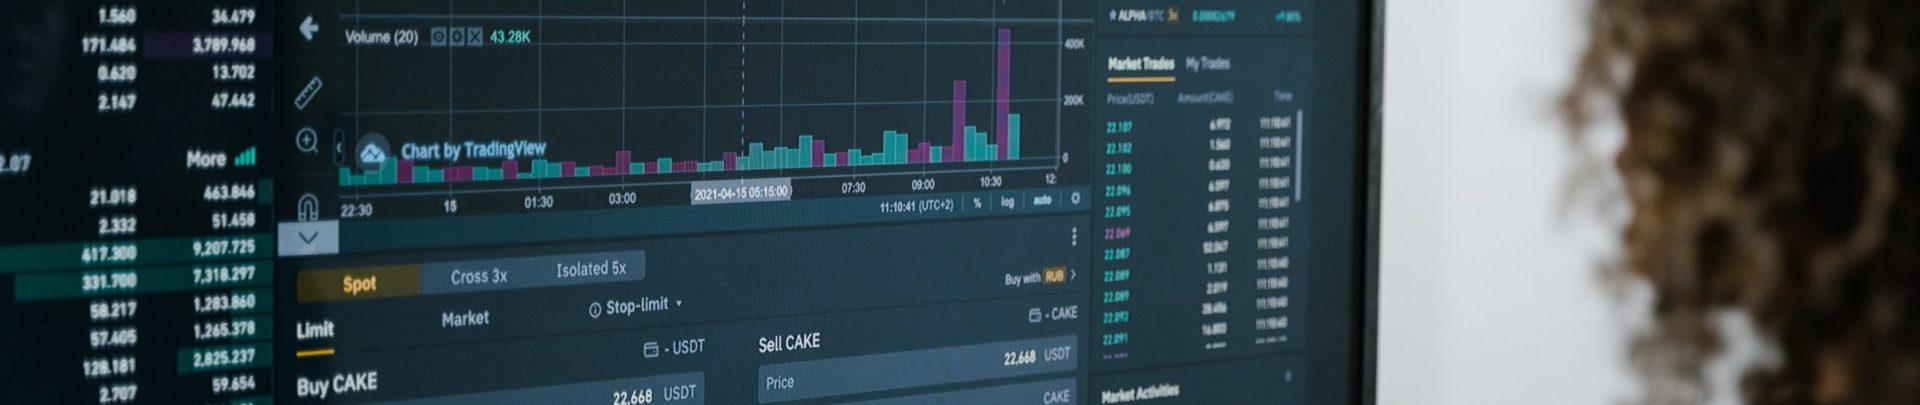 Börsenkurs auf einem Display